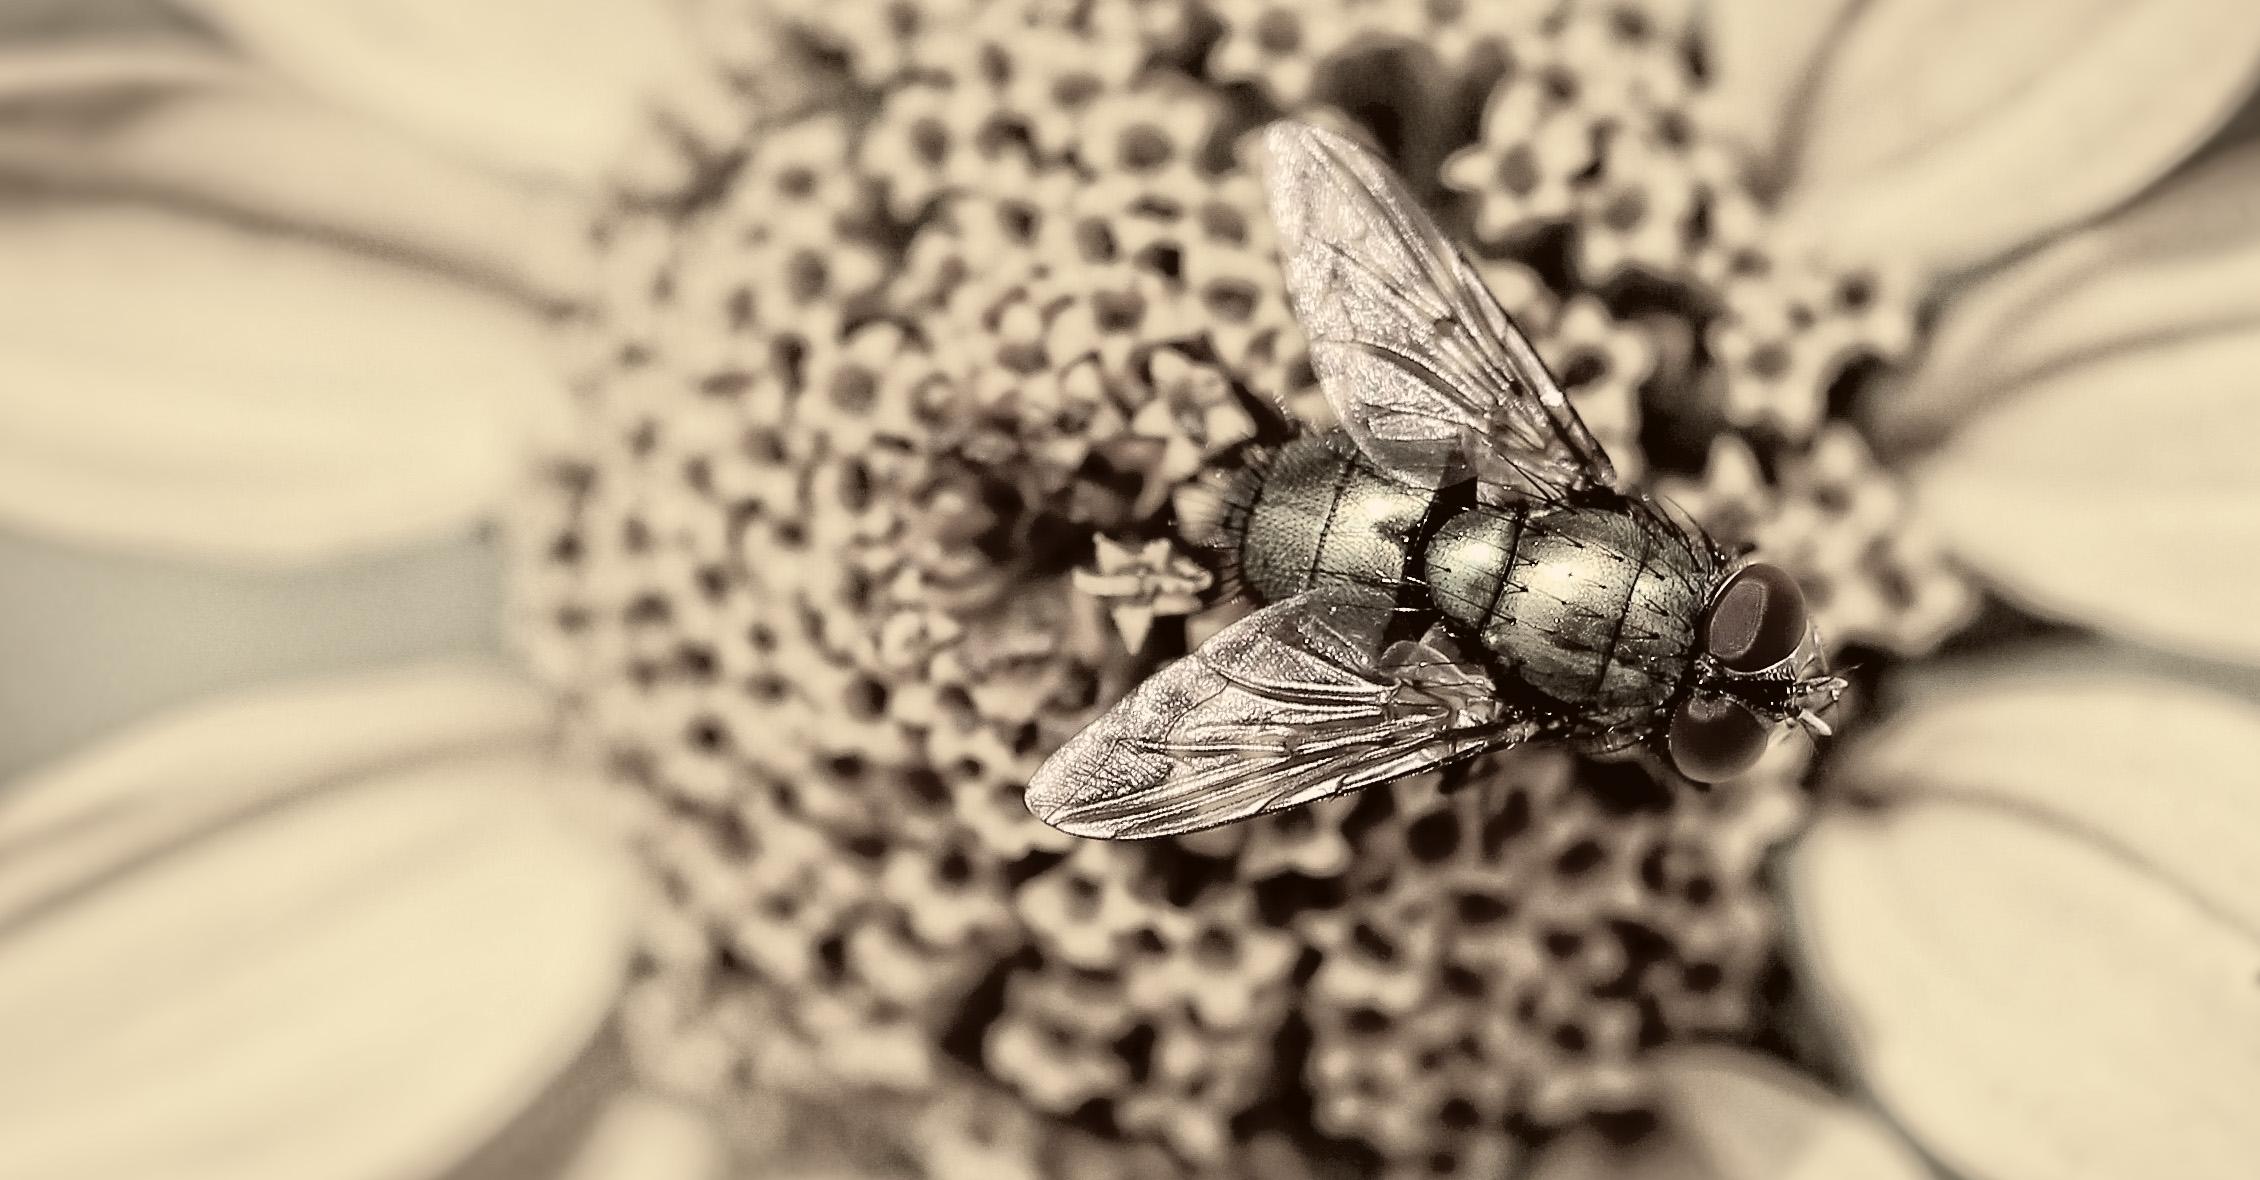 Die Fliege / the fly